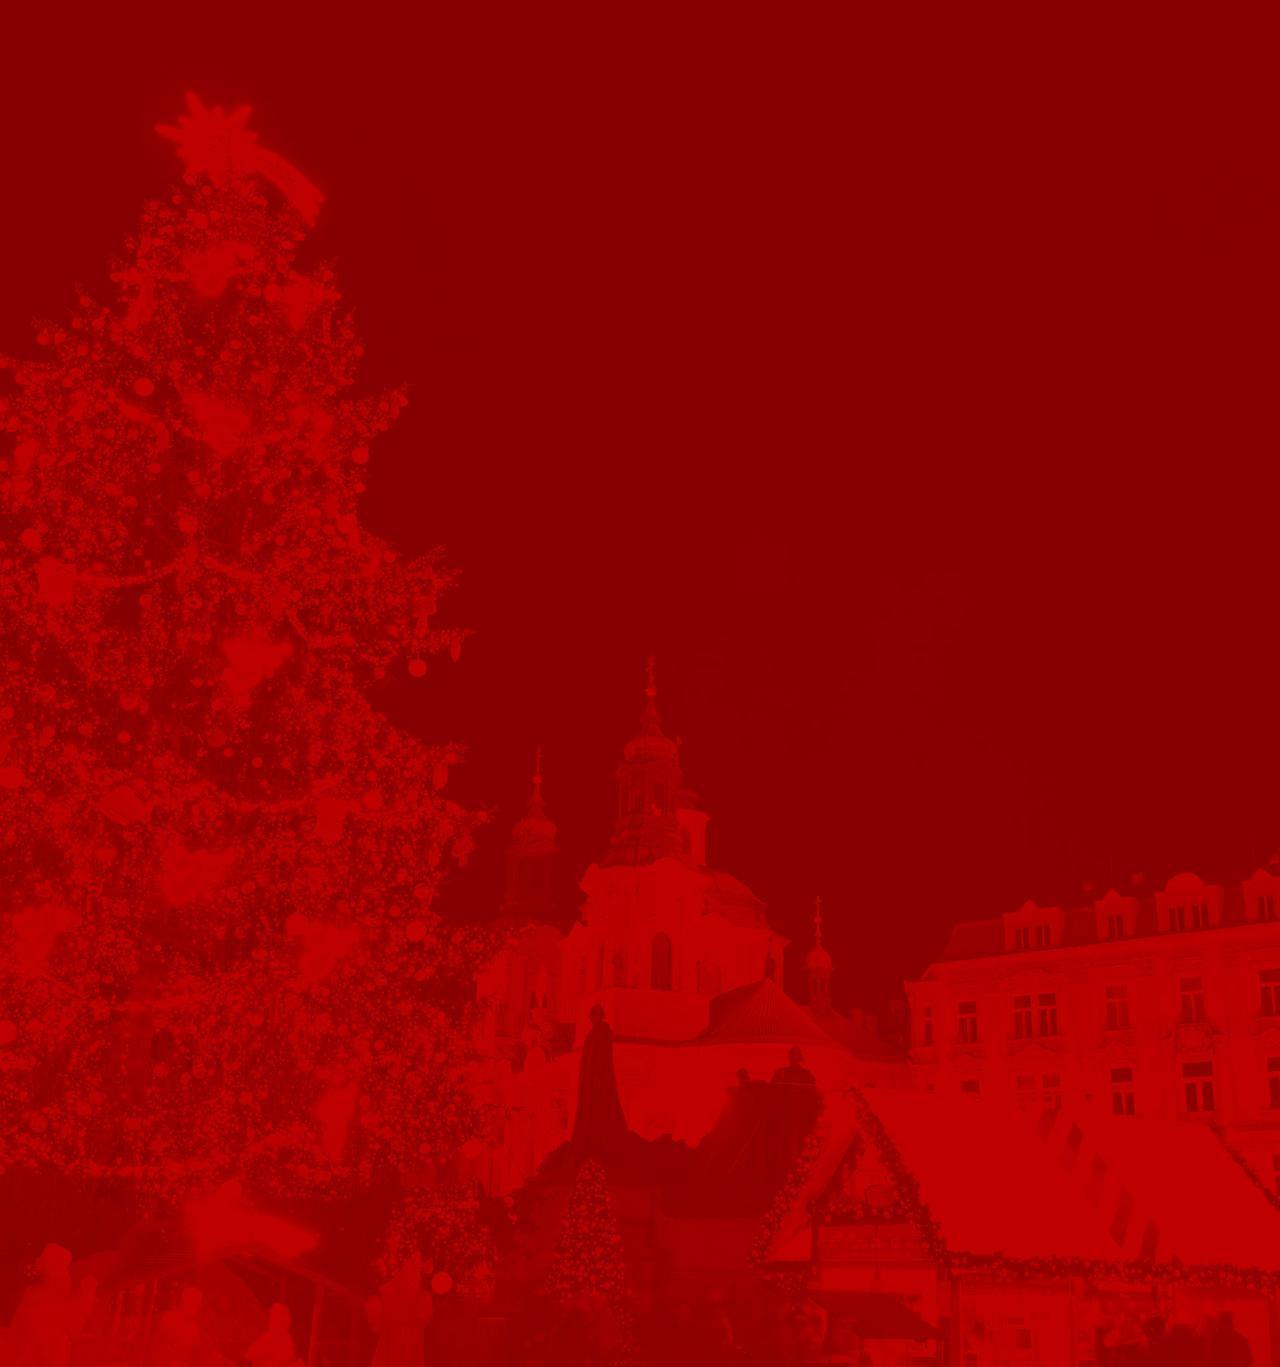 画像: クリスマスガーデン - 約40万⼈が来場した⼈気イベント「ヒビヤガーデン」がプロデュース         ⽇本最⼤級!22⽇間にわたる次世代型クリスマスイベント